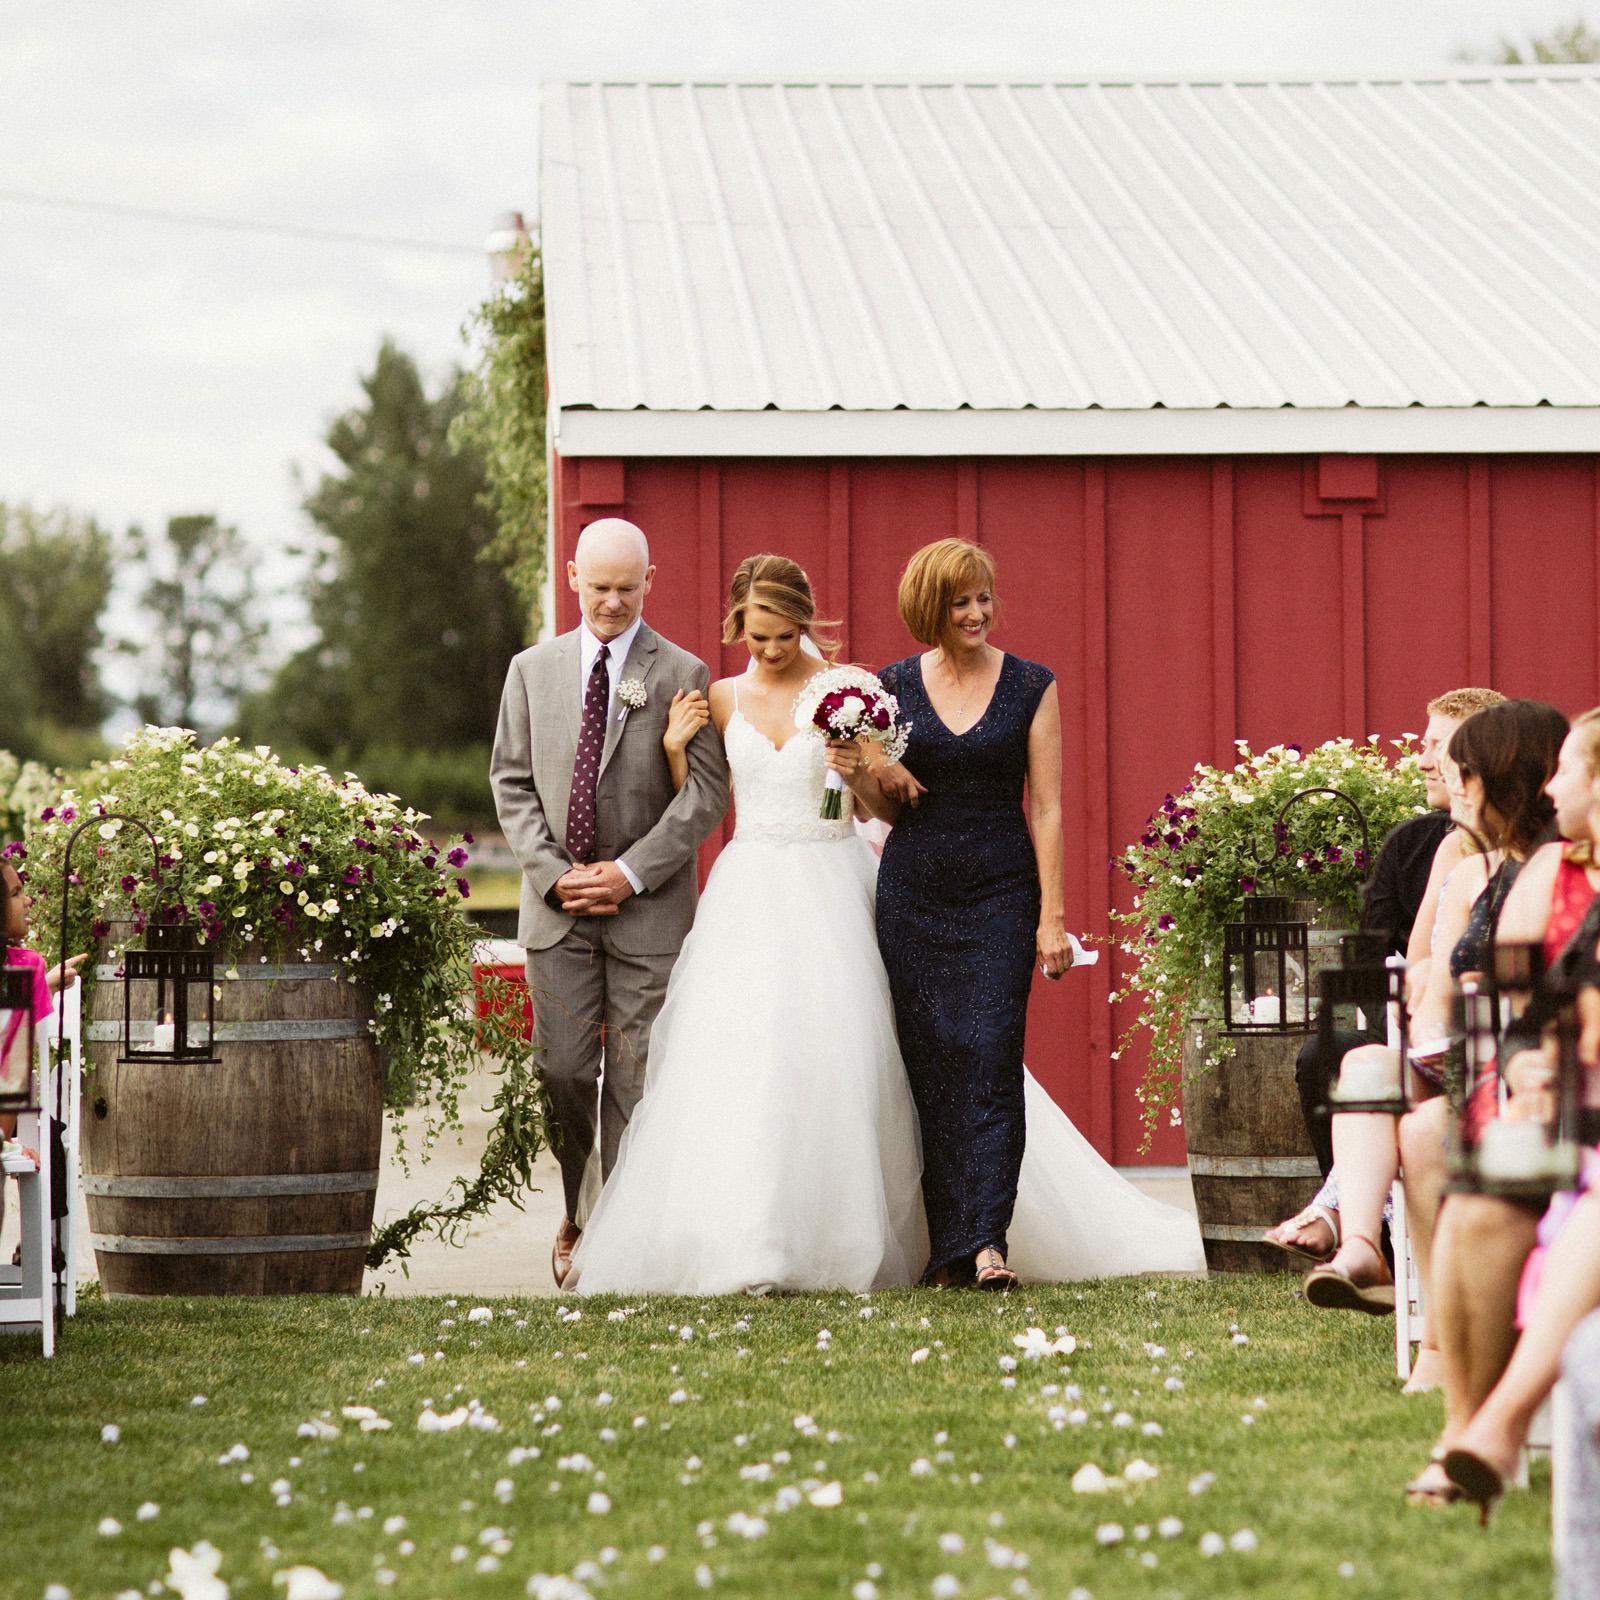 jacobregan-blog-15 SCHILLER FAMILY FARM WEDDING